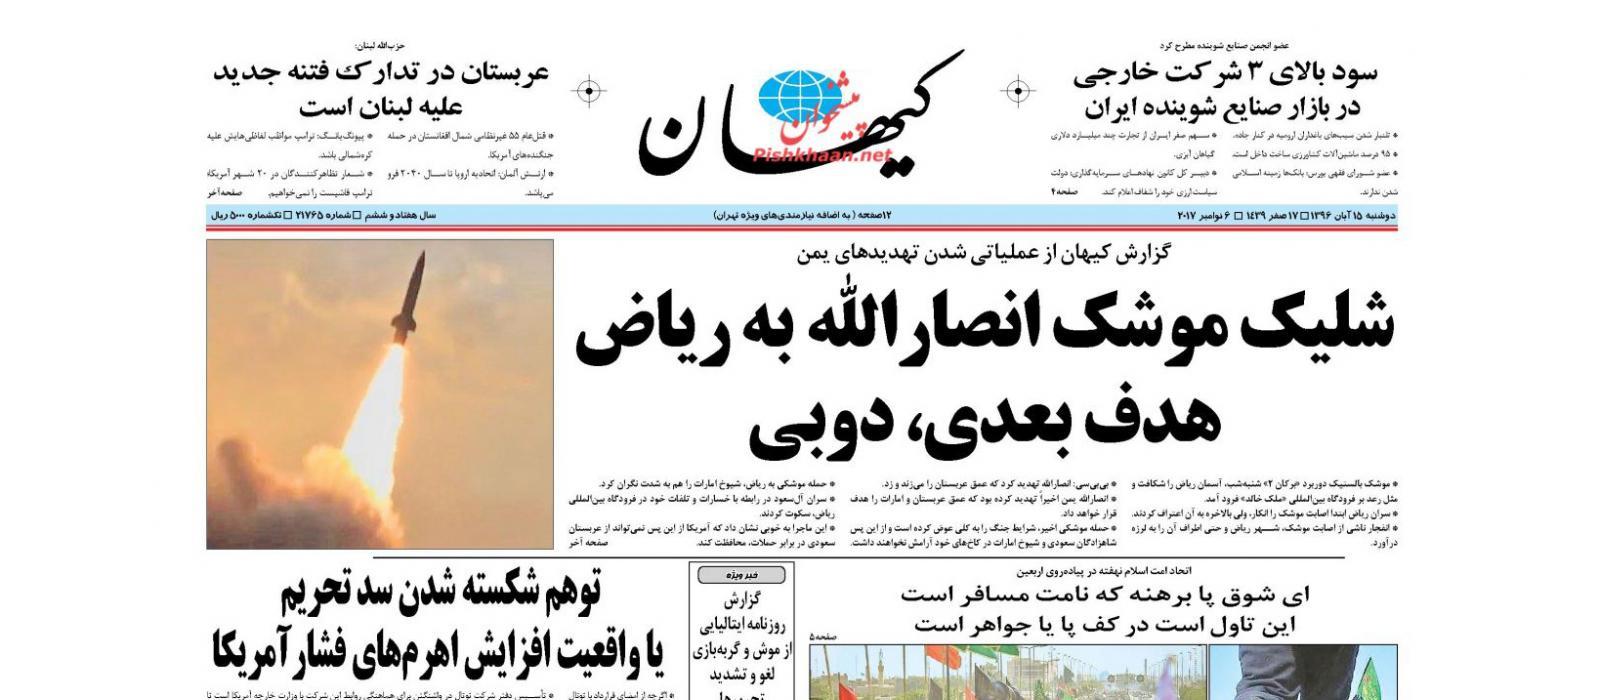 کیهان پس از توقیف دو روزه: هدف انتقام کور دولت شدیم!